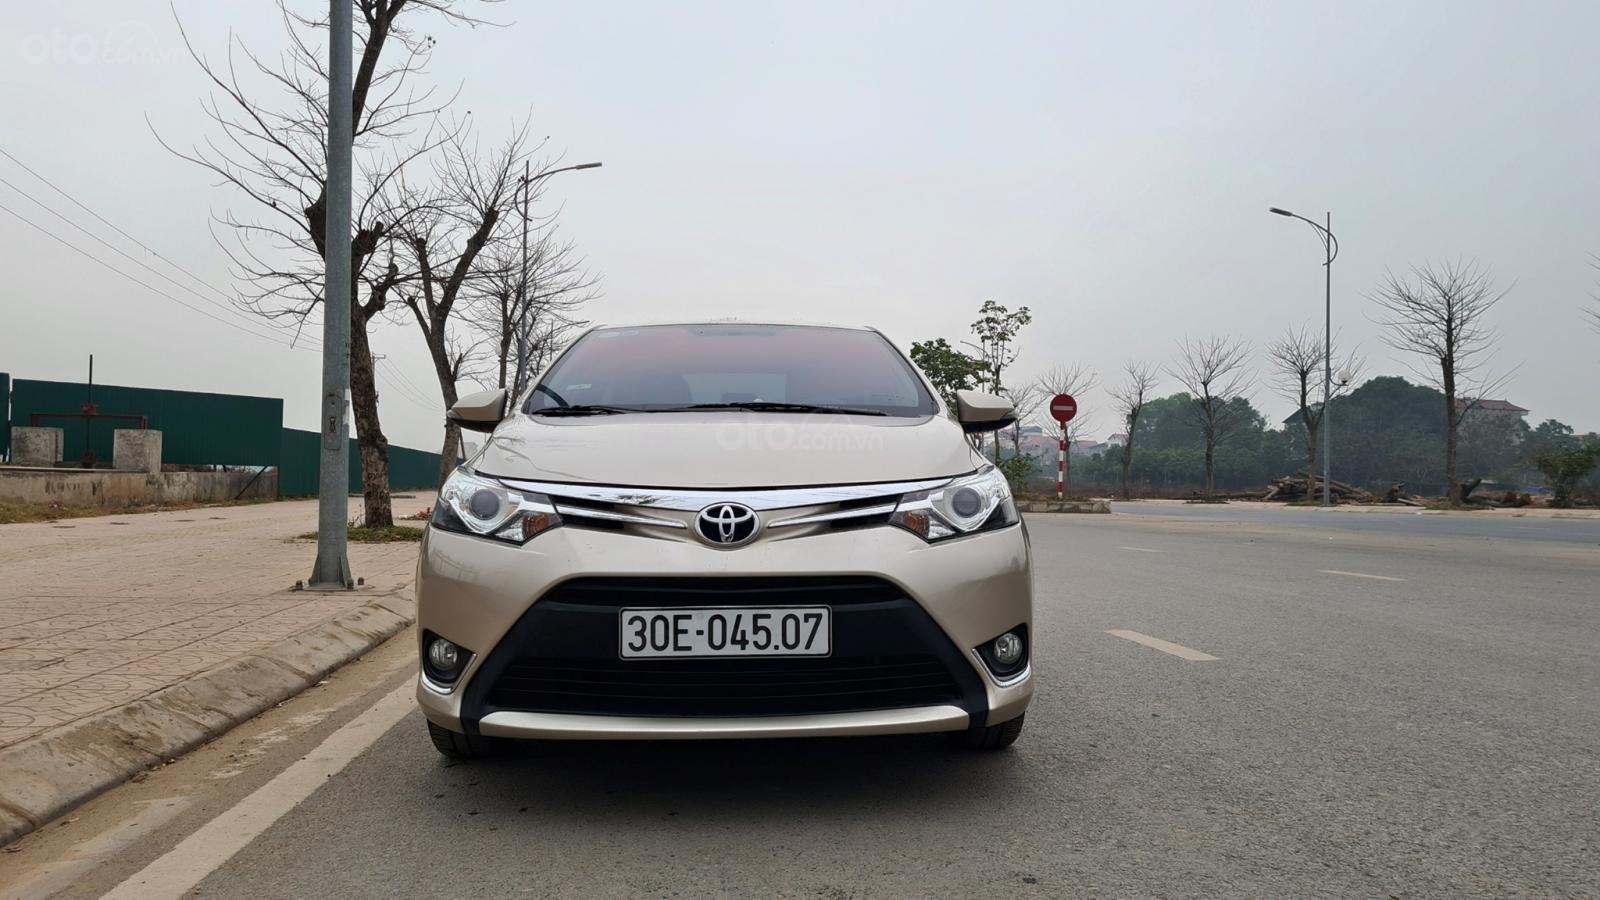 Bán xe giá ưu đãi chiếc Toyota Vios 1.5G đời 2016 (1)